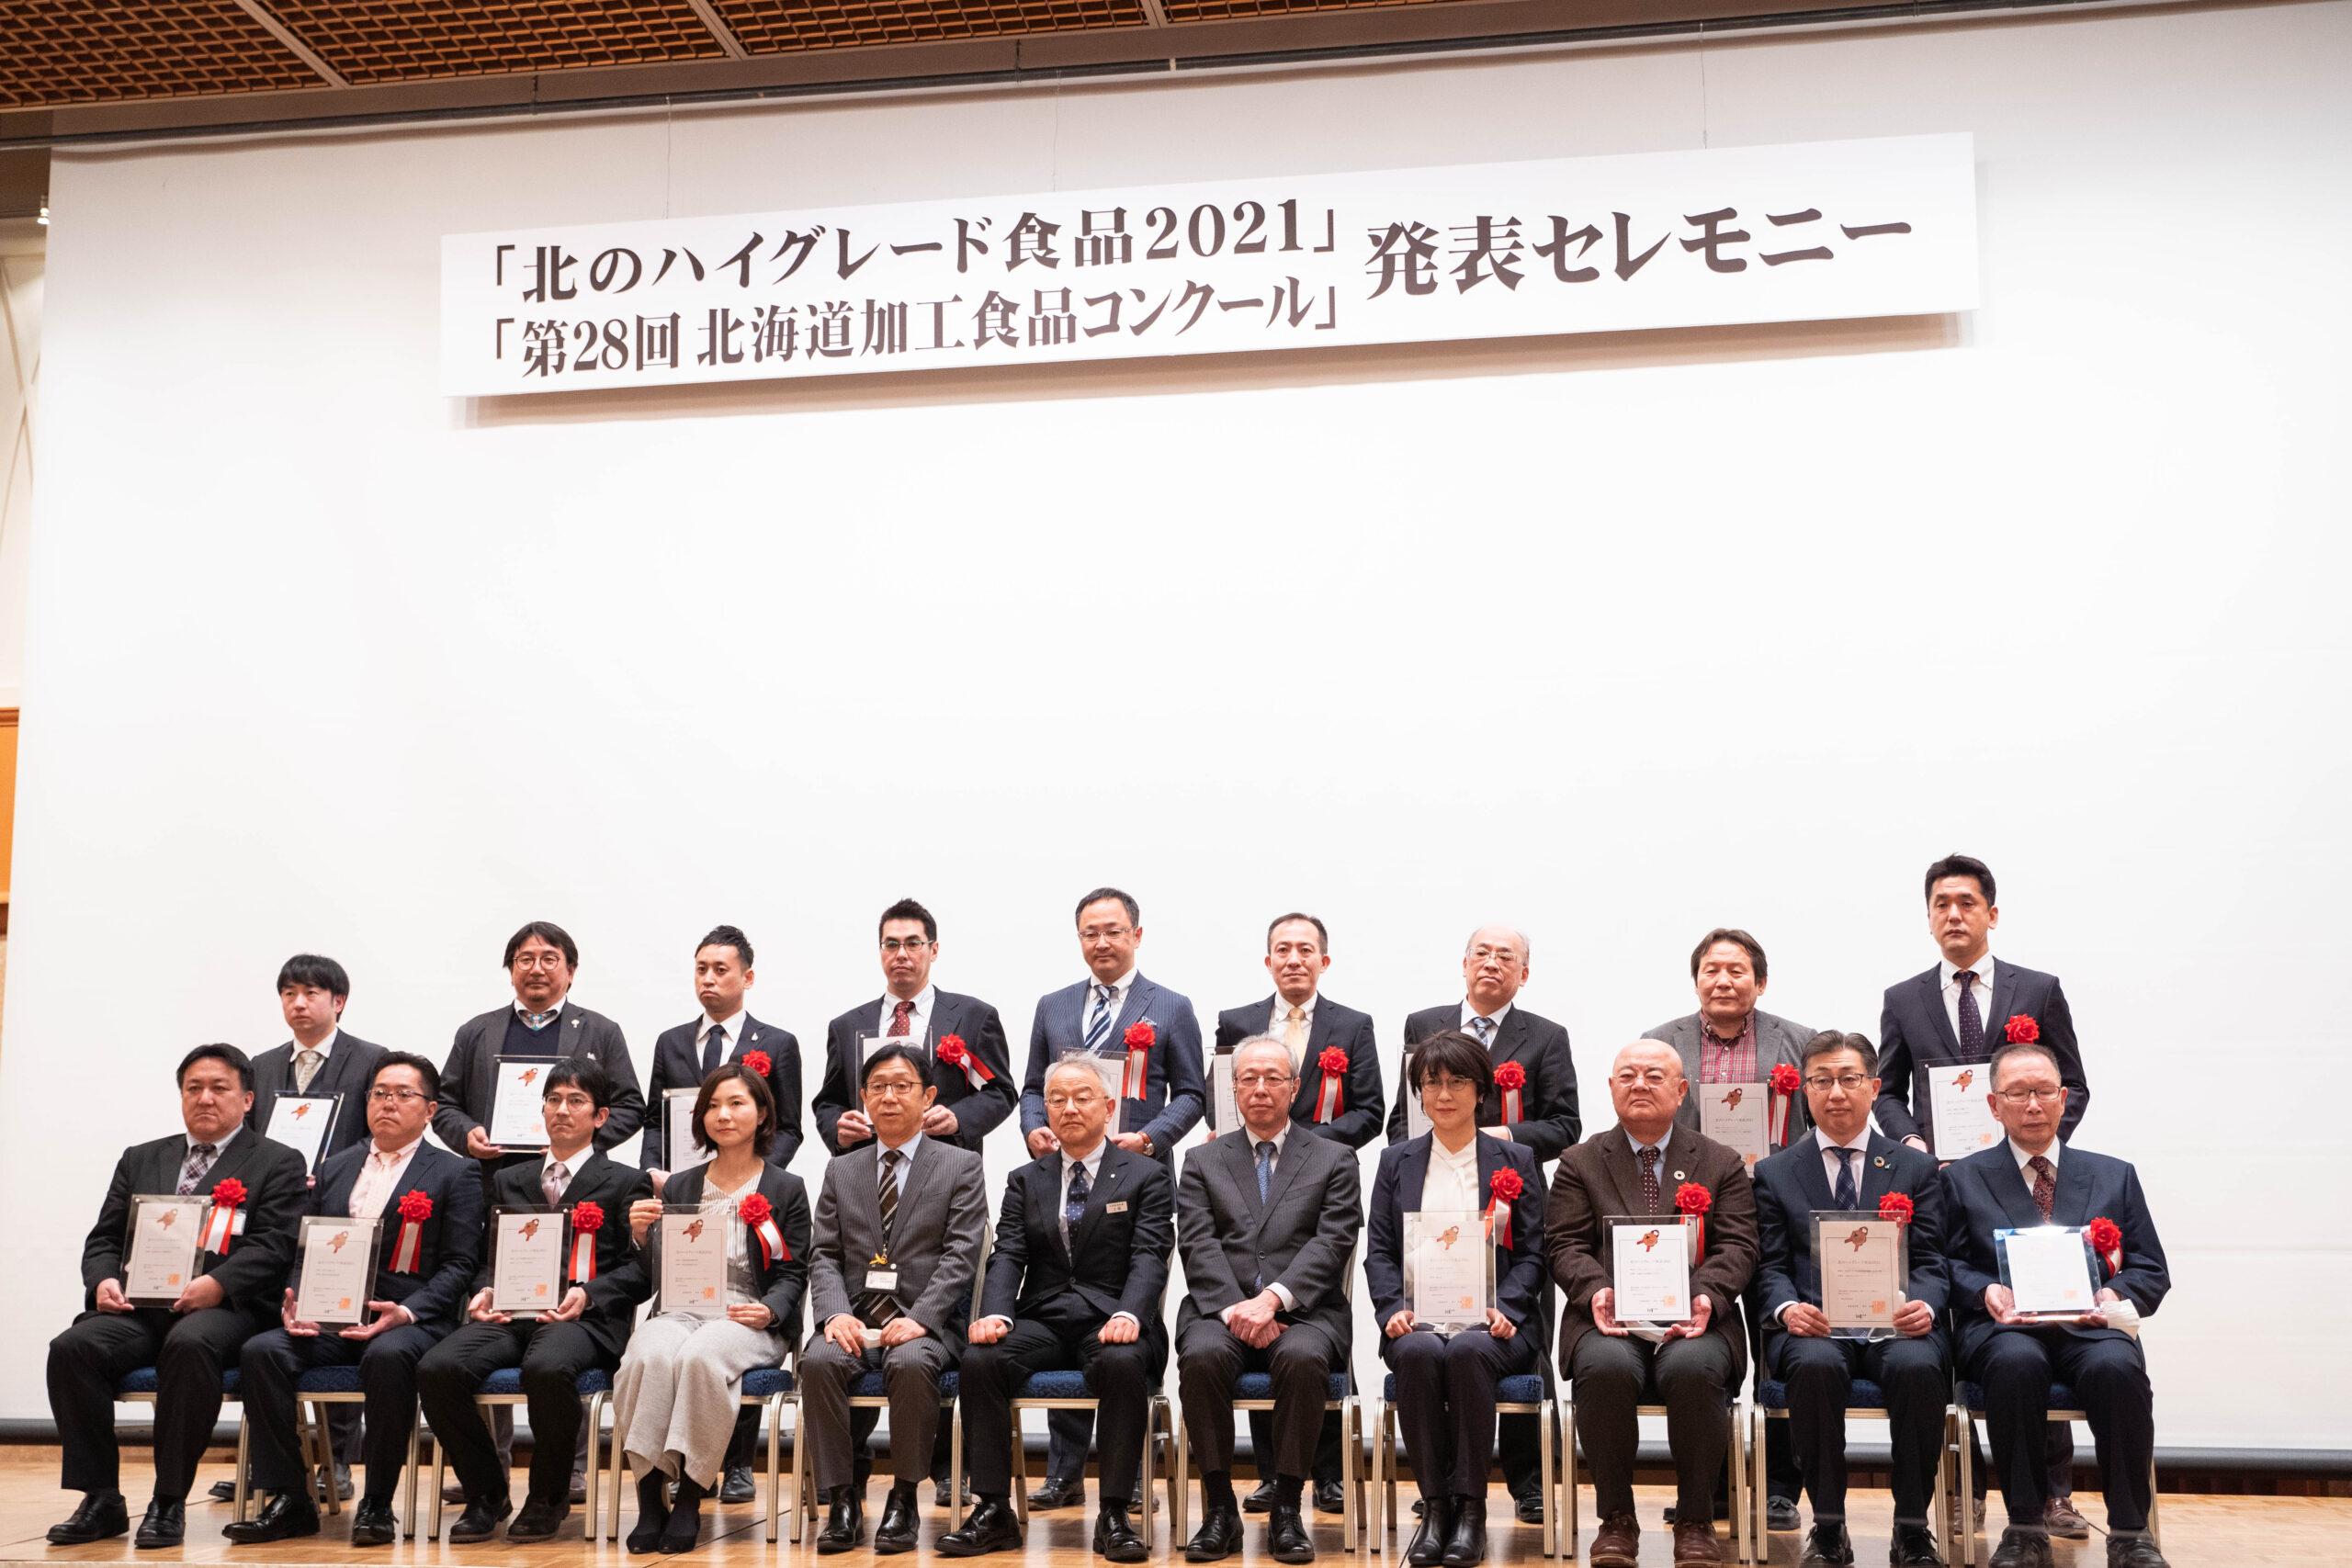 上川大雪酒造「神川」純米 が、北海道主催「北のハイグレード食品2021」に選定されました